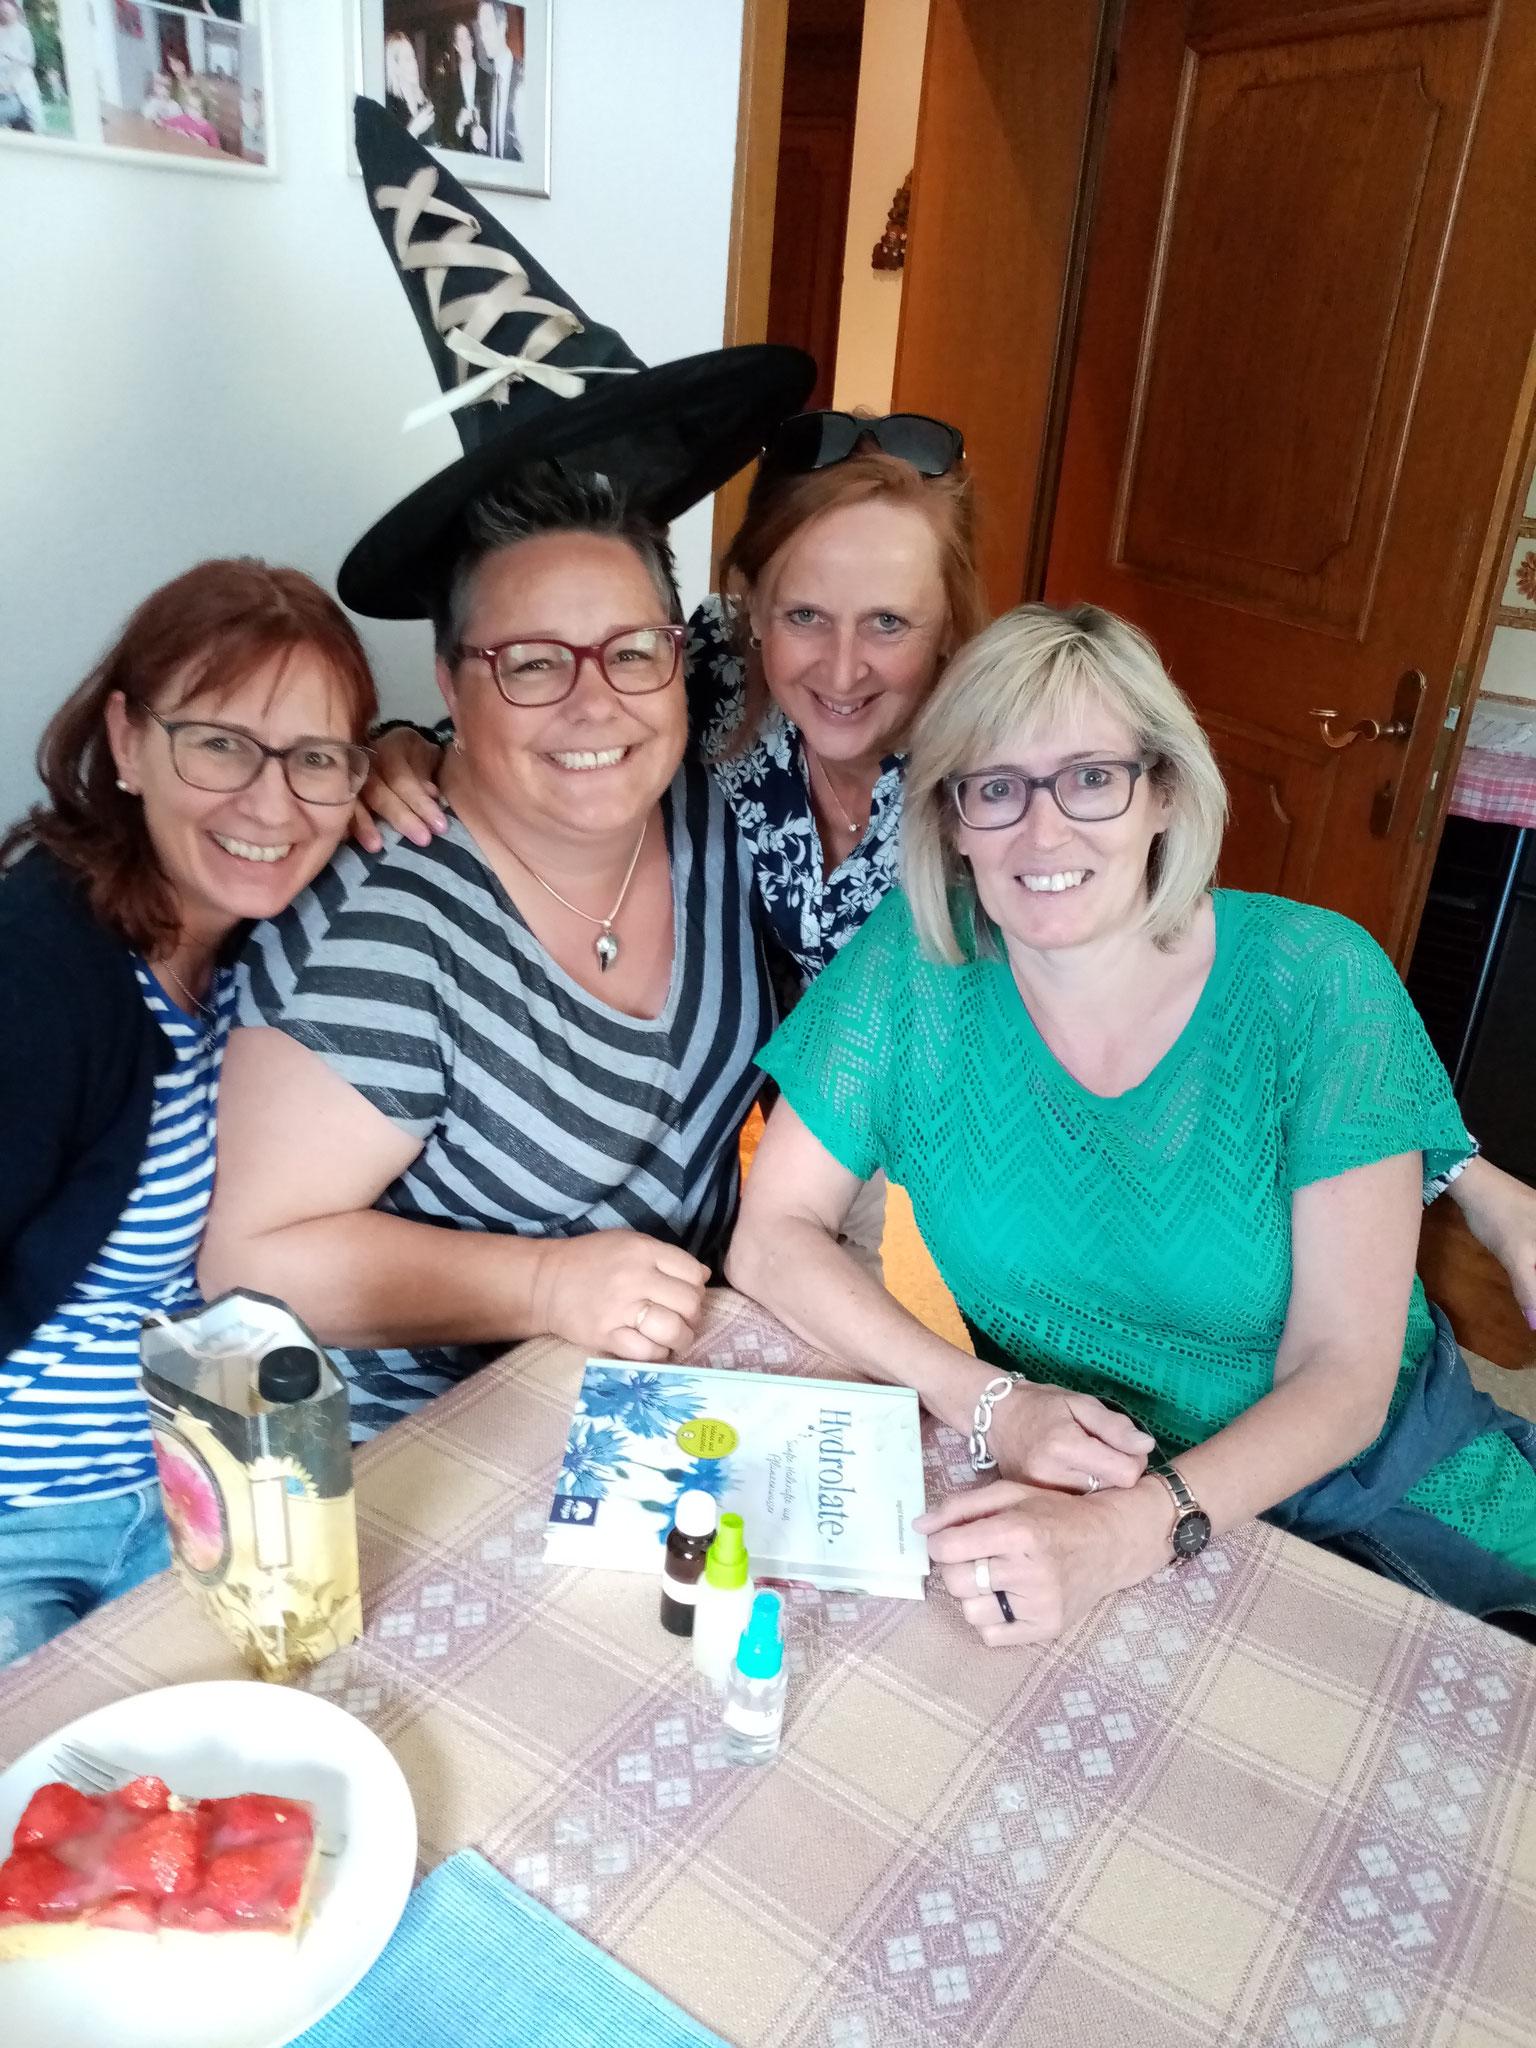 Die Geburtstagsüberraschung der Freundinnen vom Arlberg ist gelungen!